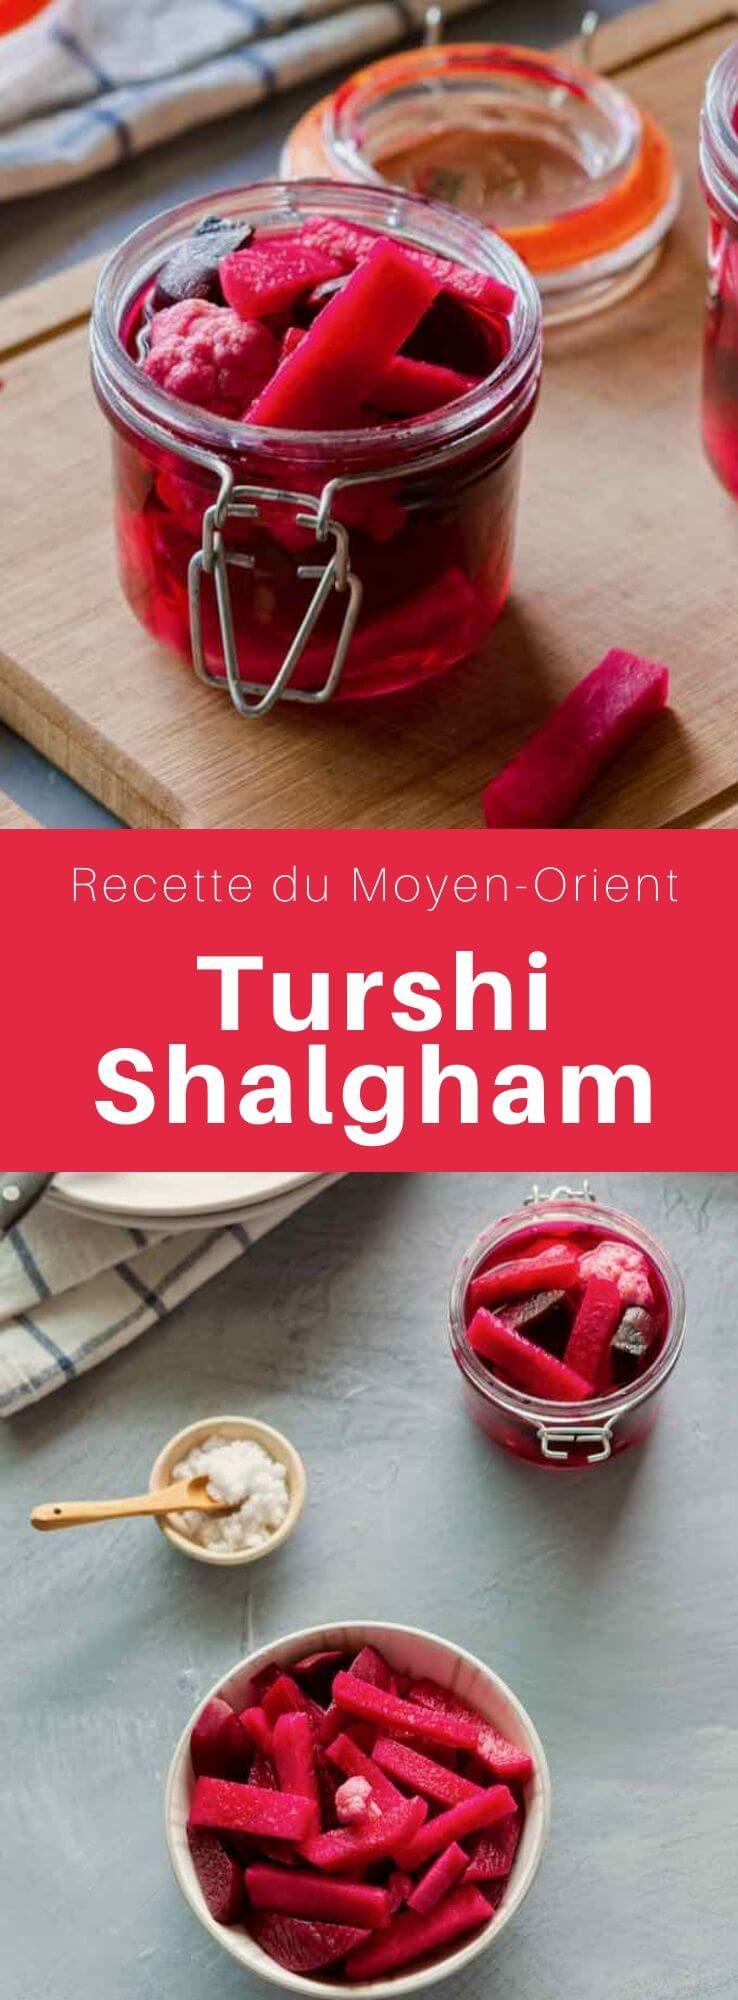 Le turshi shalgham est une variété traditionnelle irakienne de pickles principalement à base de navet en saumure auquel on ajoute des sommités de chou fleur et de la betterave. #Irak #RecetteIrakienne #CuisineIrakienne #CuisineDuMonde #196flavors